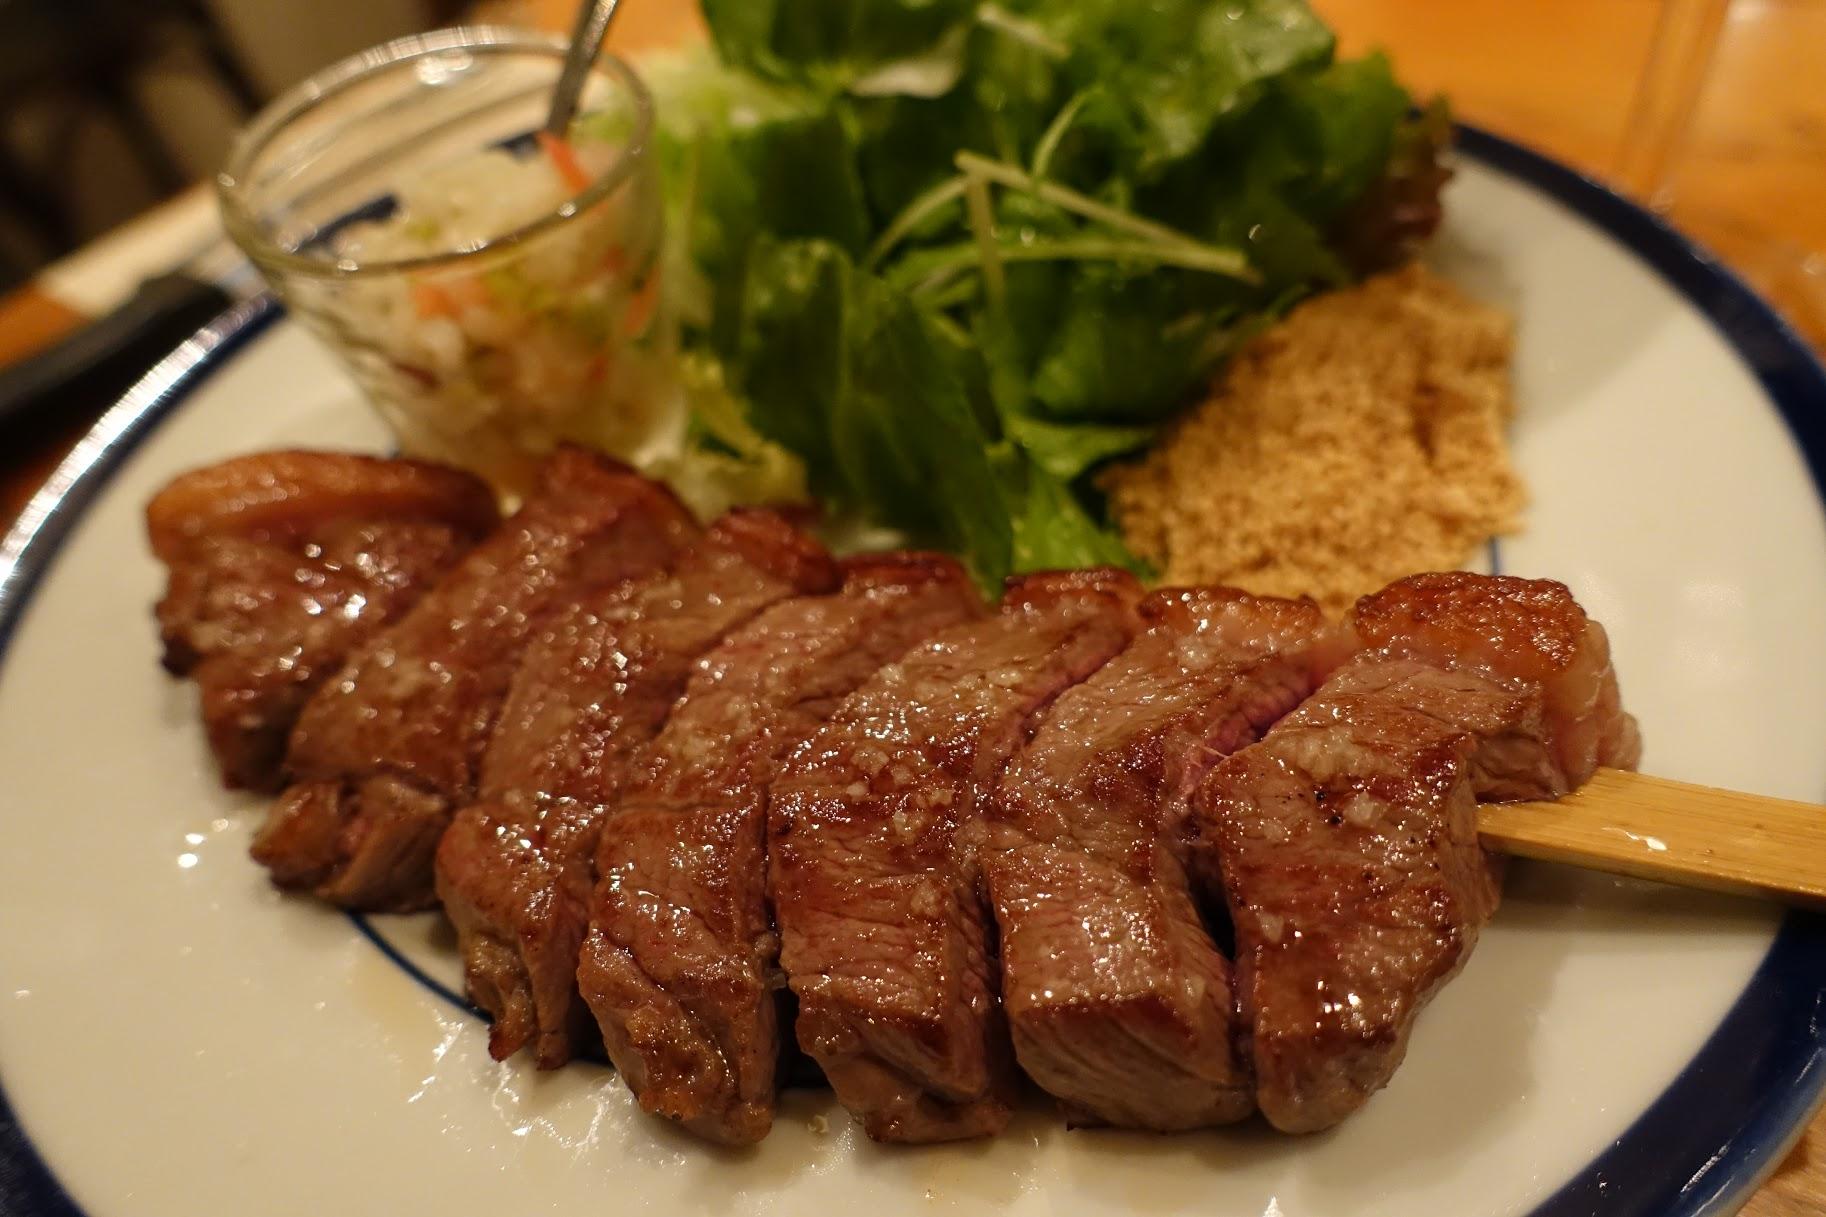 牛イチボ肉のピッカーニャ串焼き 赤身で柔らかくて美味しい♪